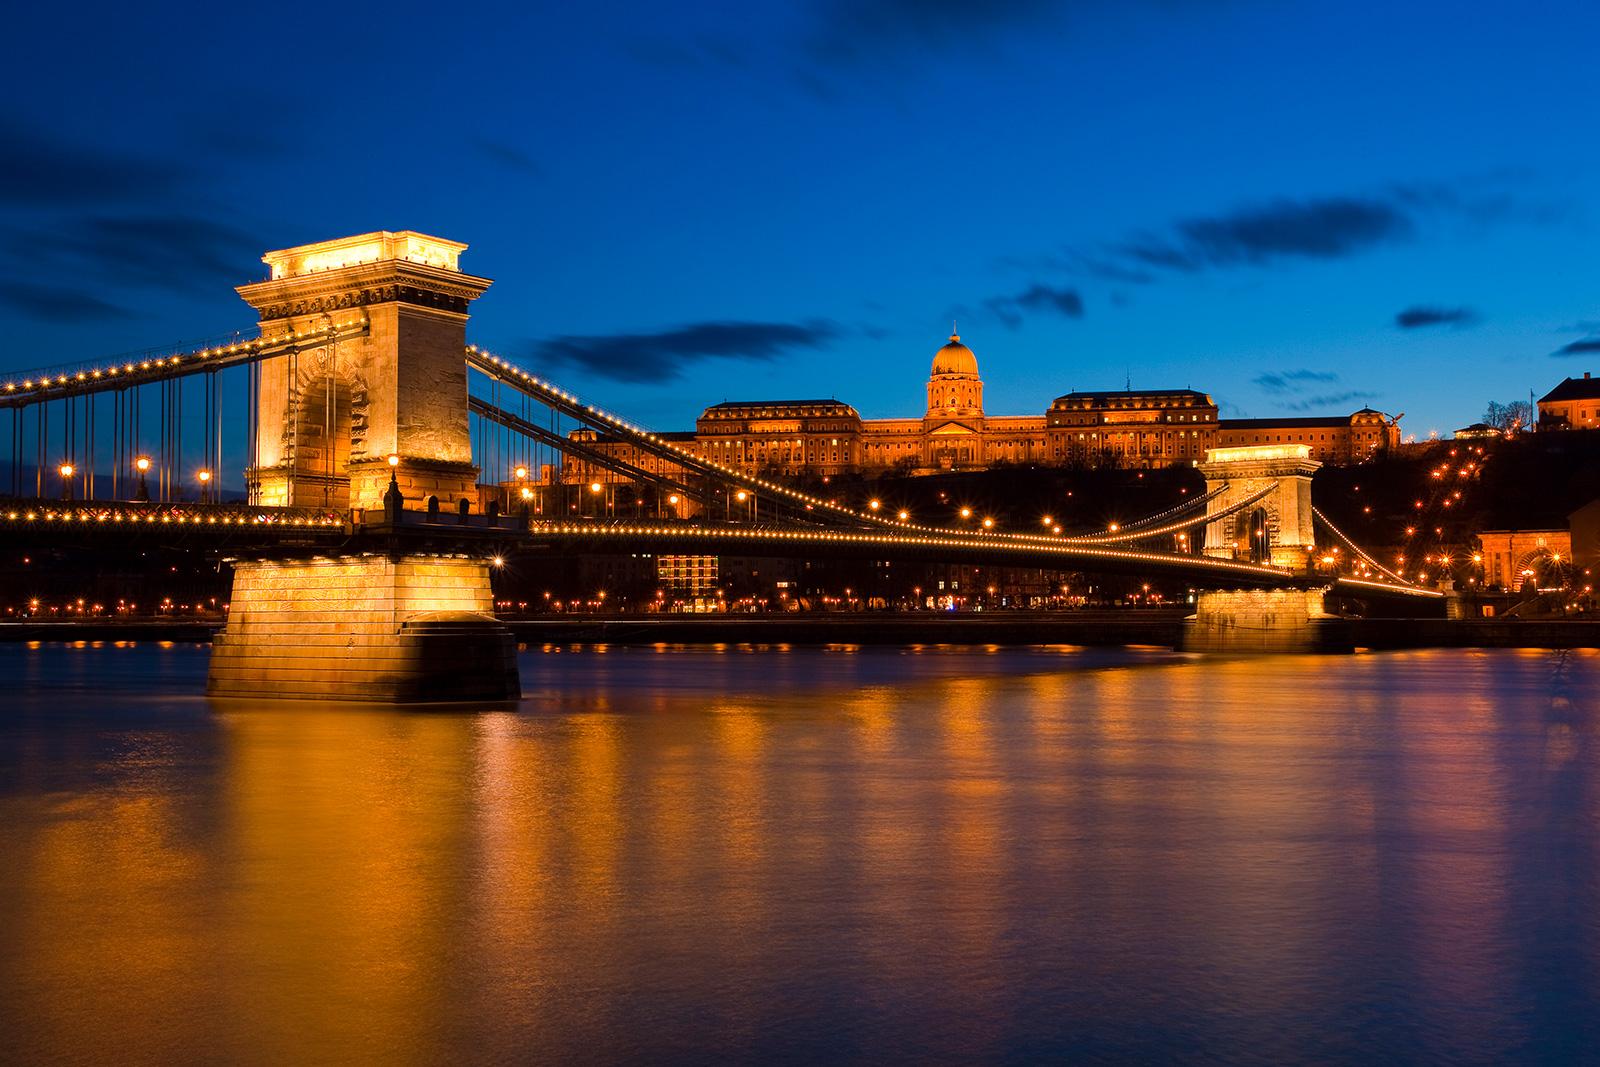 Budapešť - co navštívit a vidět za památky